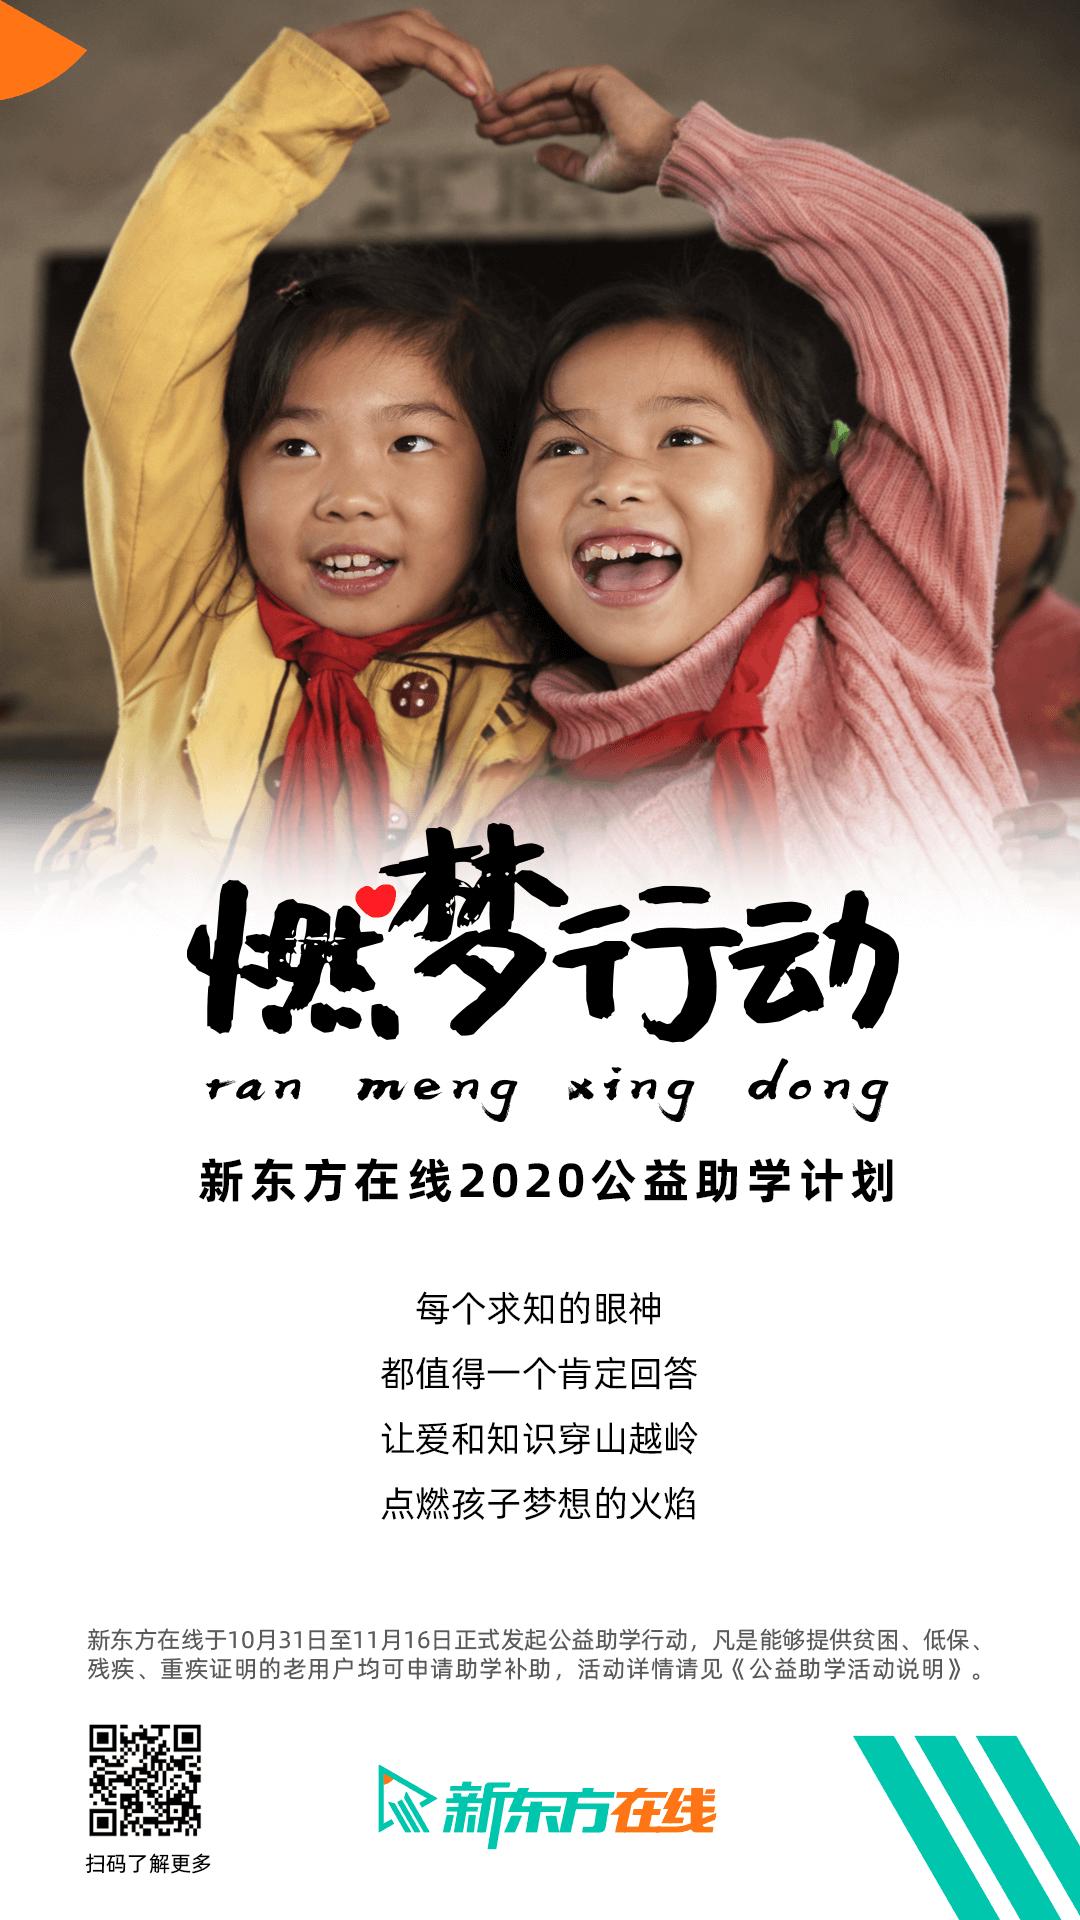 """新东方在线发起""""燃梦行动""""2020公益助学计划 助力特殊家庭学子梦想在线-黑板洞察"""